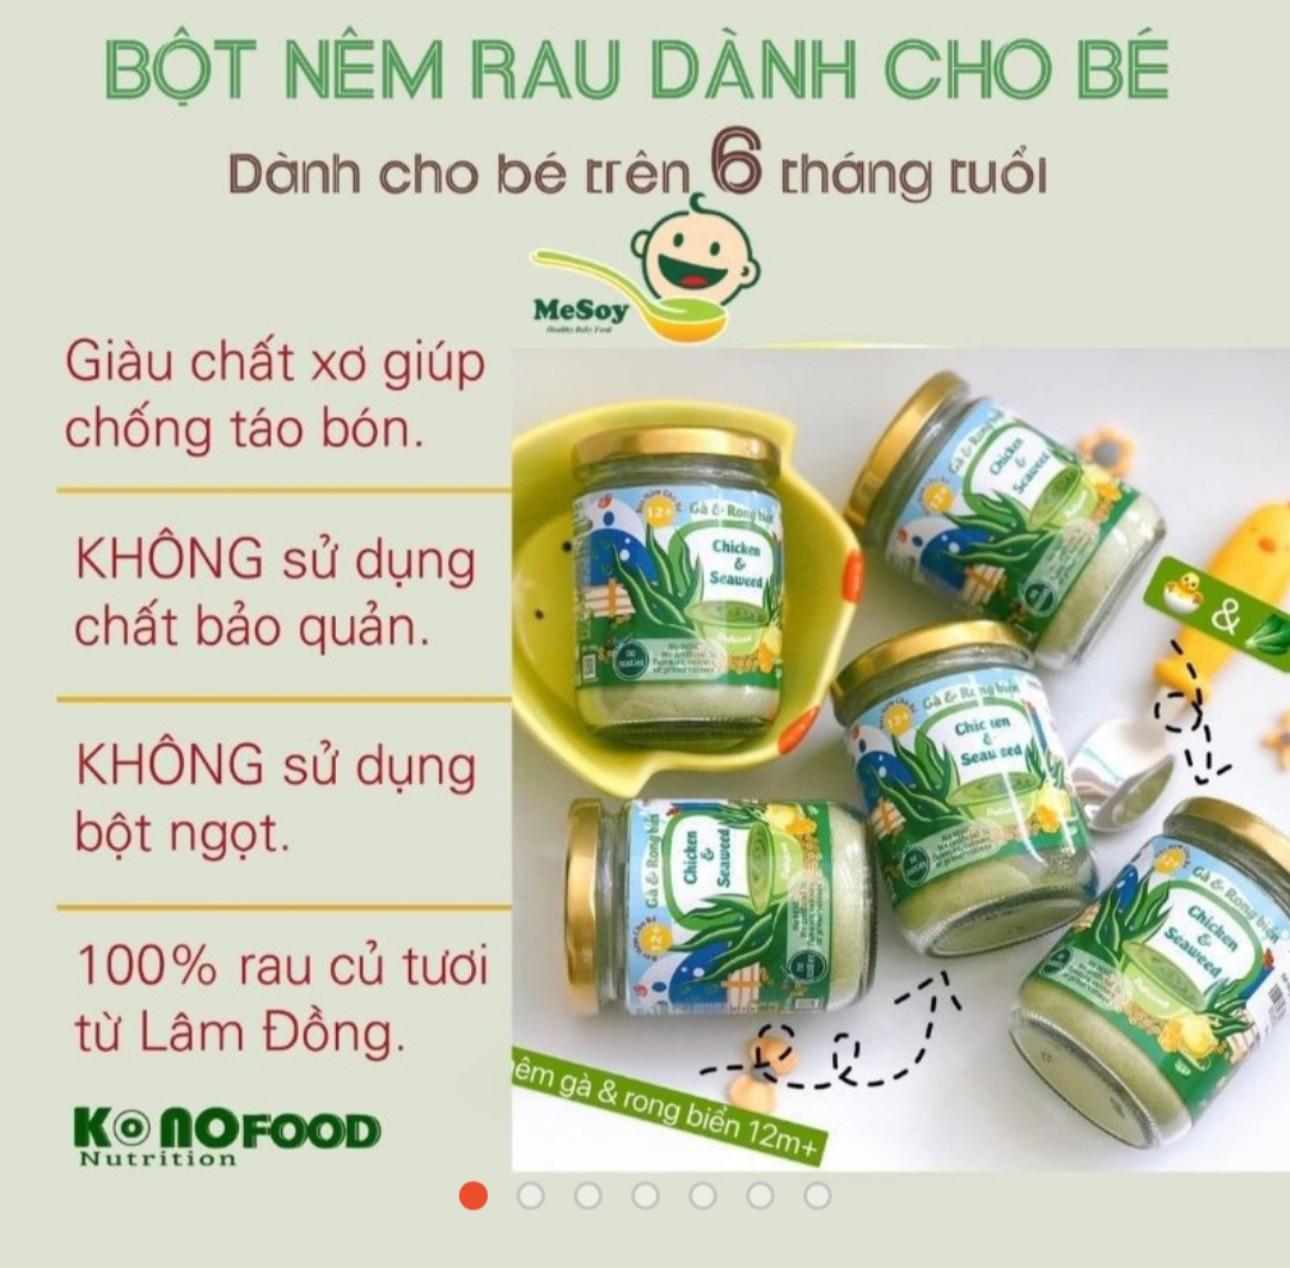 Bột nêm dinh dưỡng Konofood cho bé